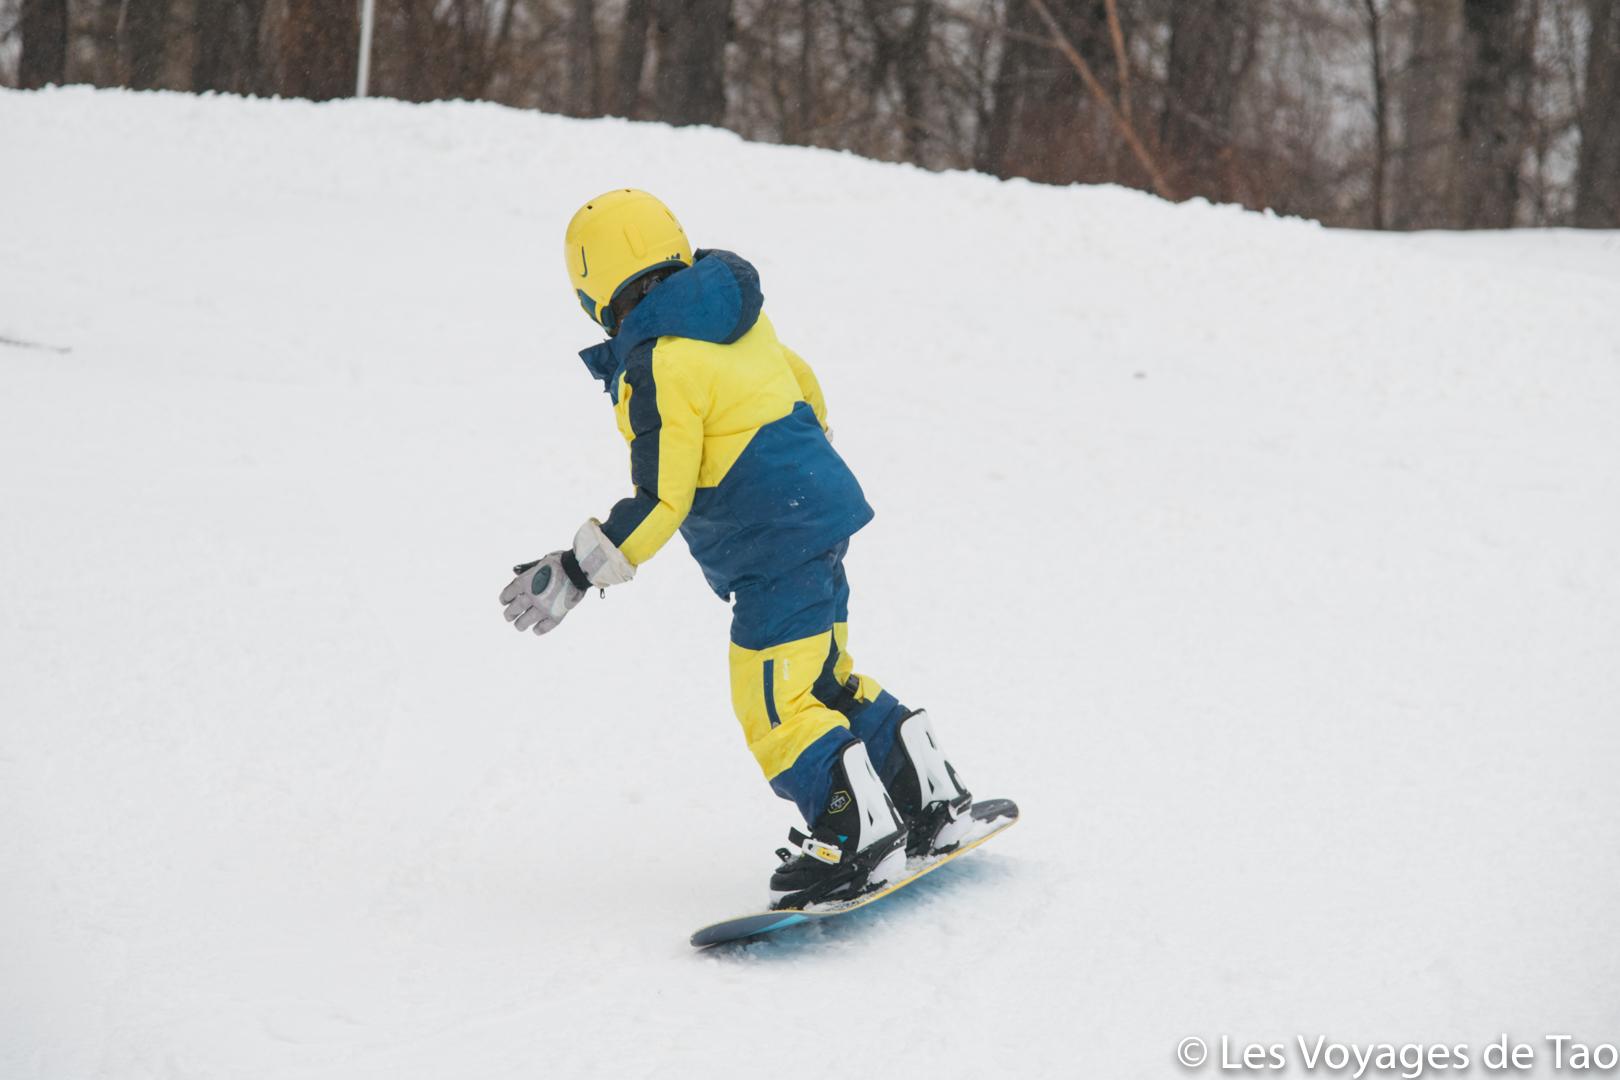 apprentissage snowboard pour un enfant